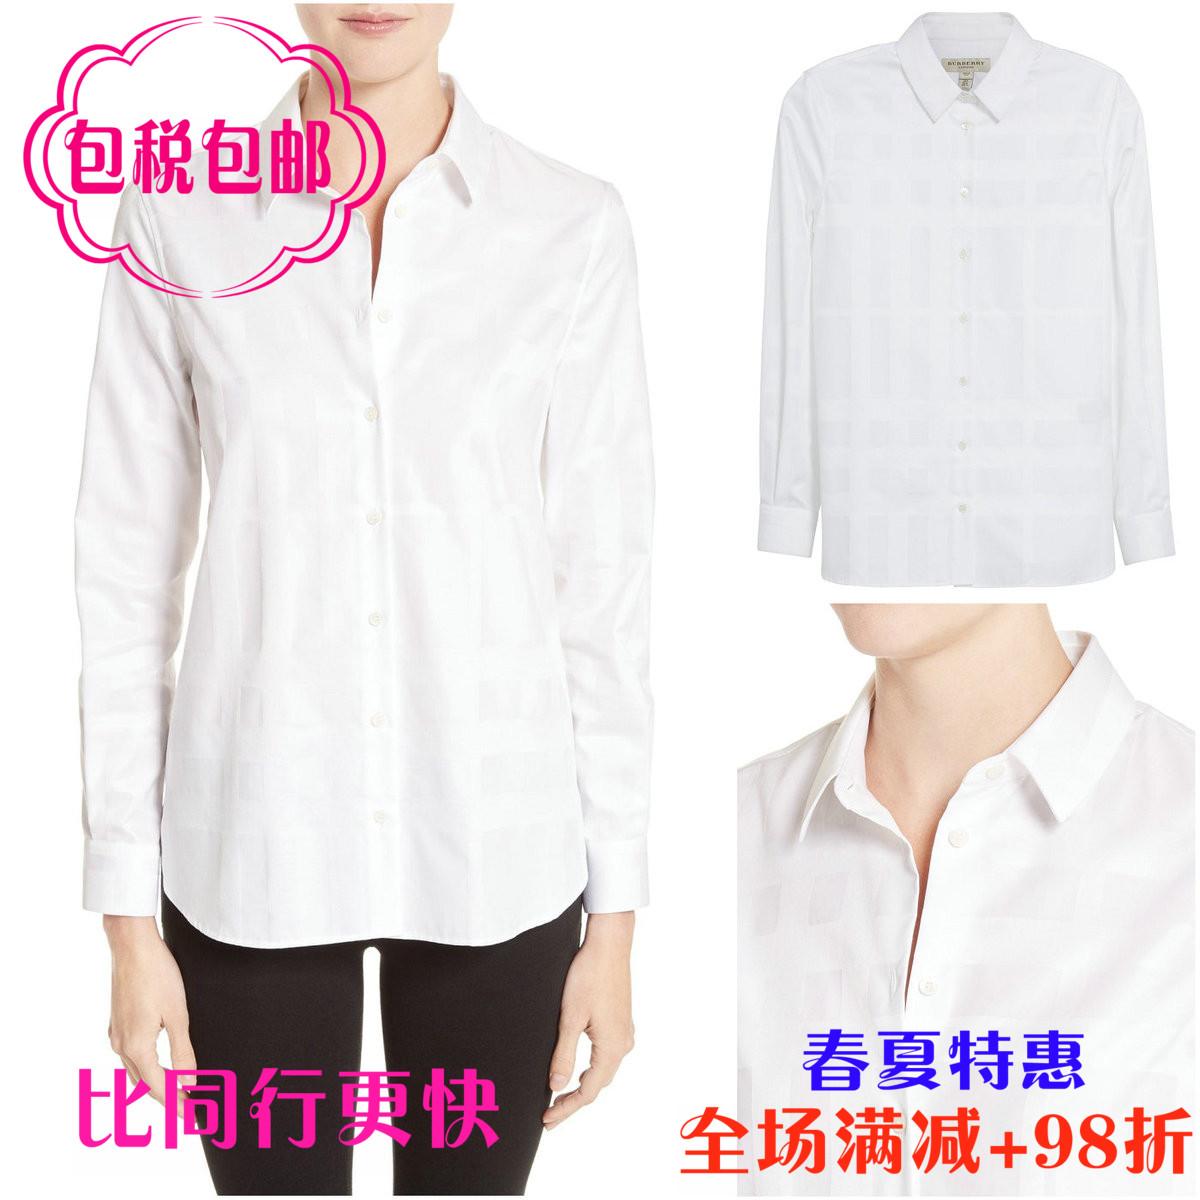 美国代购BURBERRY时尚纯棉舒适透气纯白长袖衬衫新款英伦衬衣女装